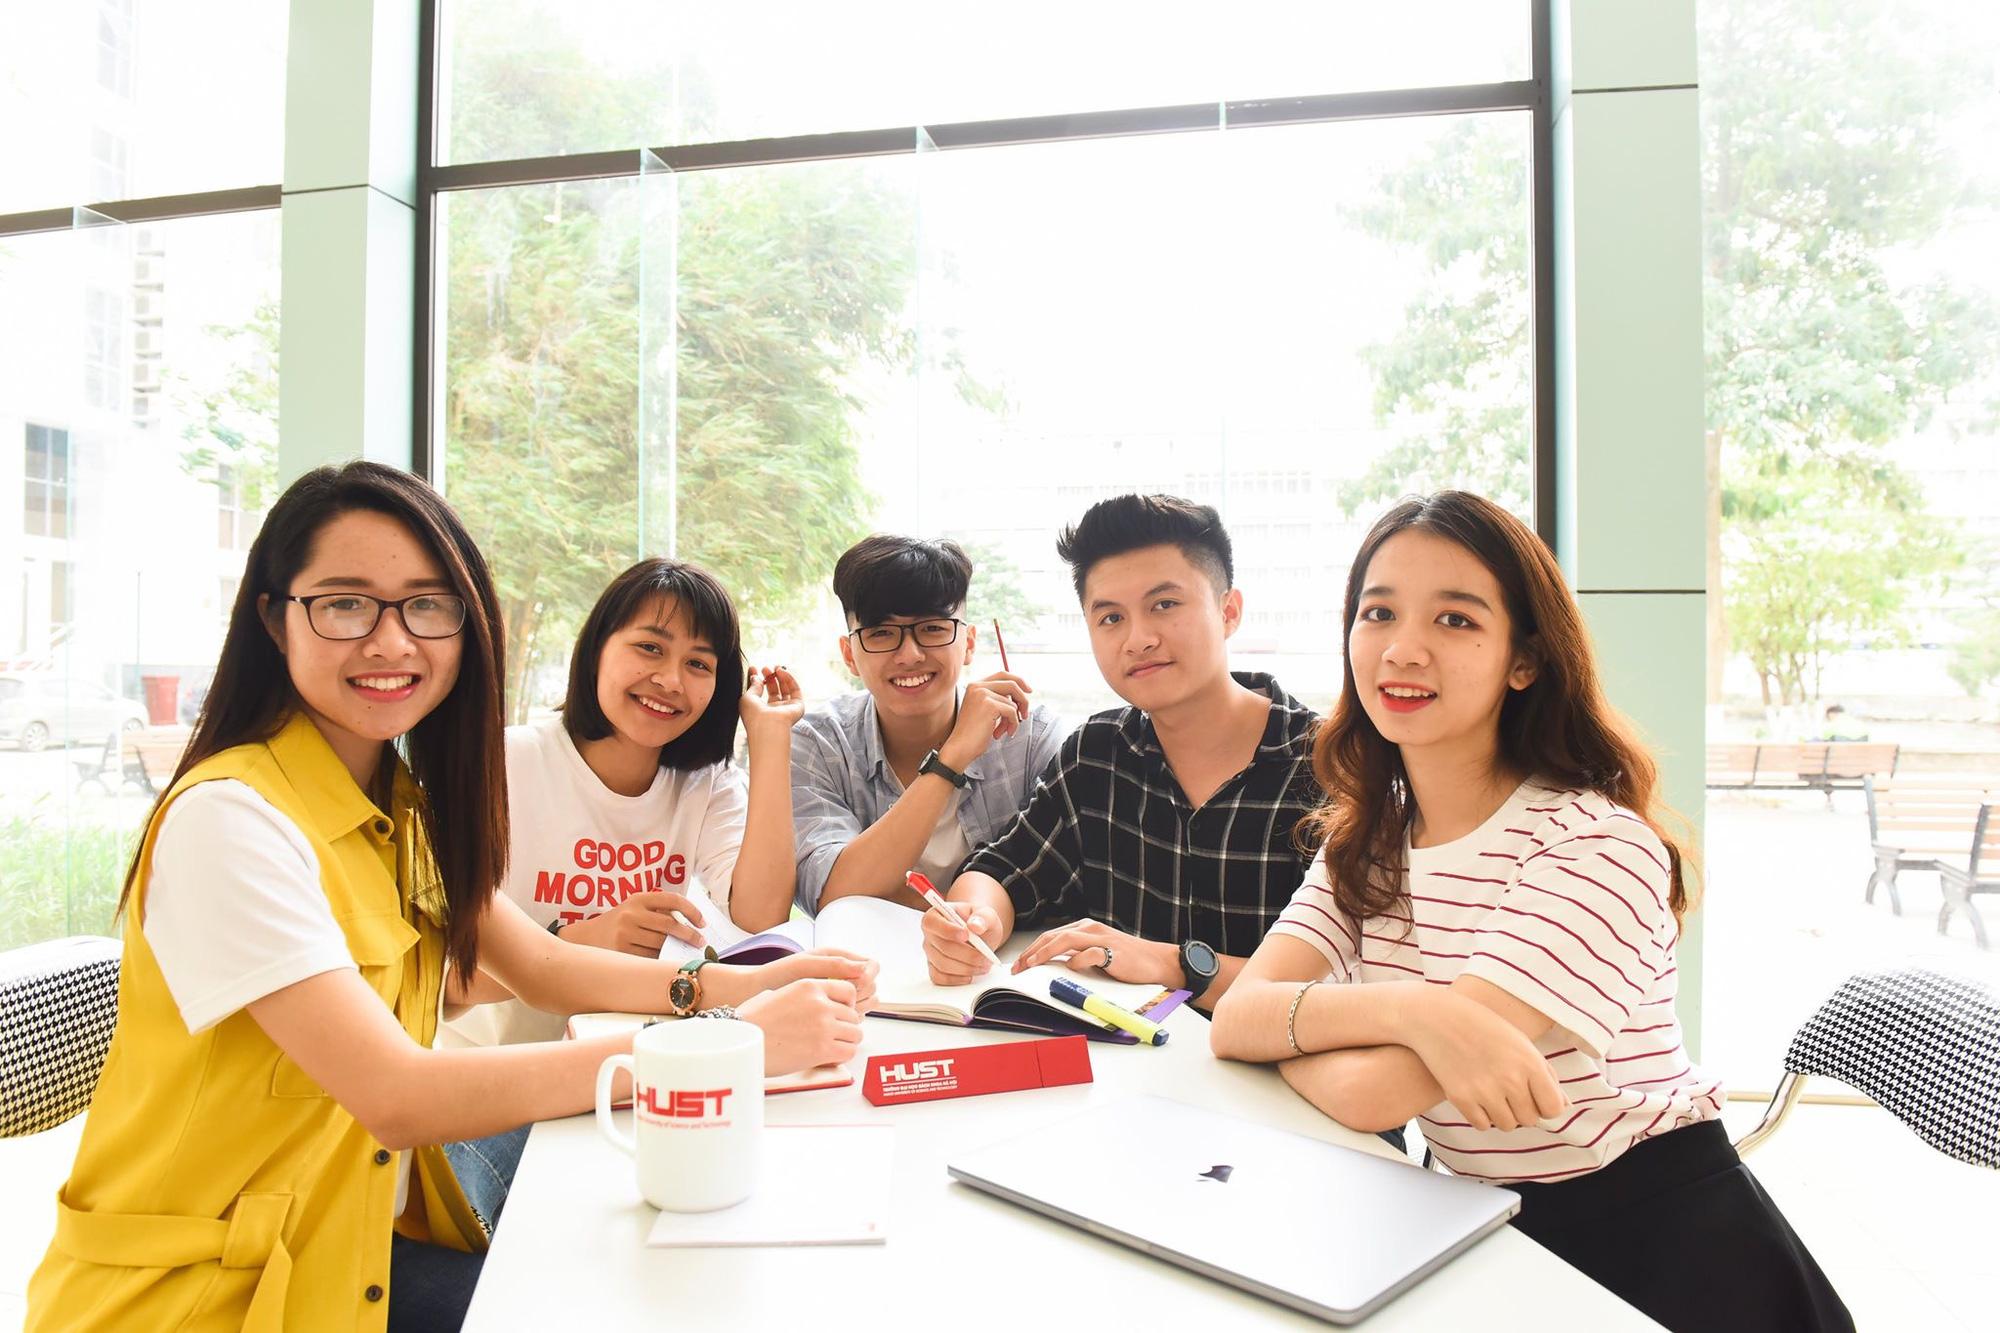 Trường ĐH Bách khoa Hà Nội: Từ 15-6 cho thí sinh đăng ký dự kiểm tra tư duy